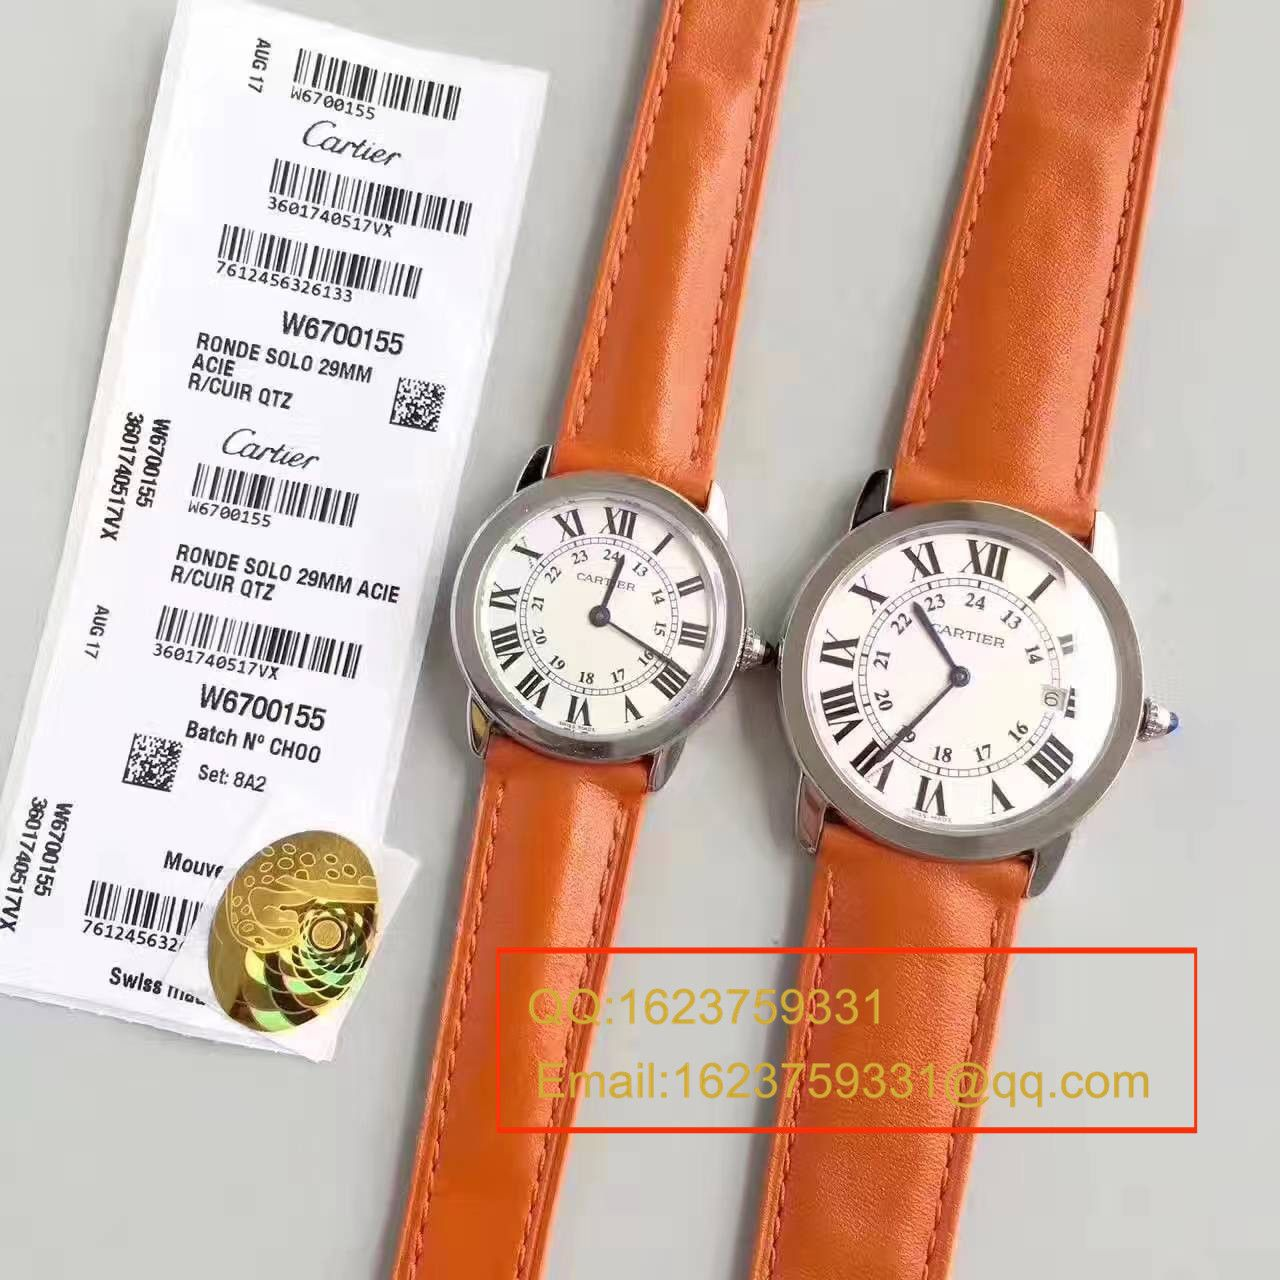 【K11厂正品开模顶级复刻手表】卡地亚RONDE DE CARTIER伦敦SOLO系列W6700155、W6700255女士石英腕表